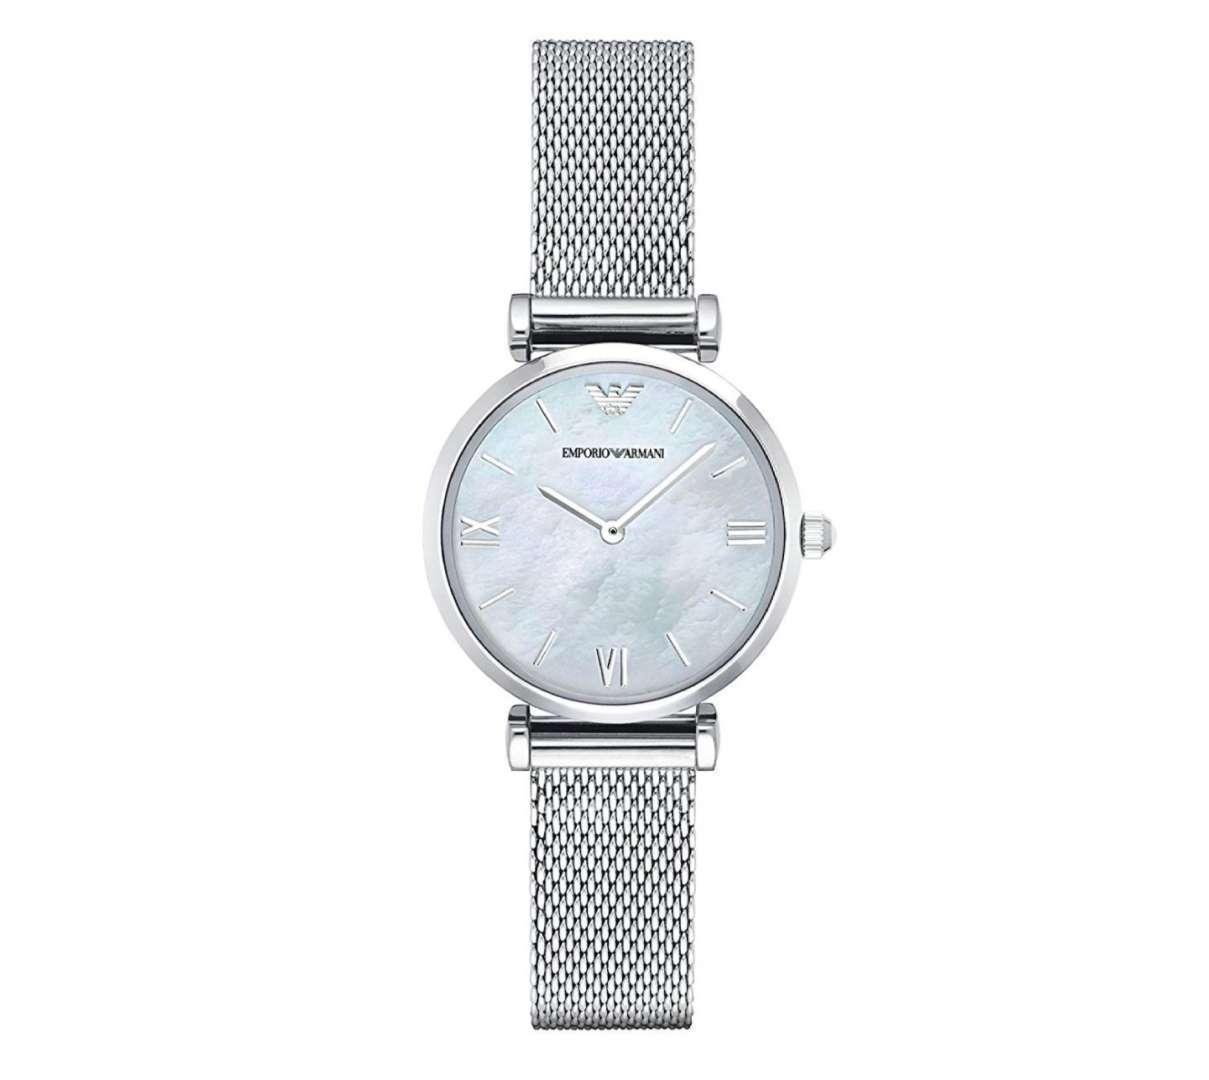 שעון יד אנלוגי לאישה emporio armani ar1955 אמפוריו ארמני